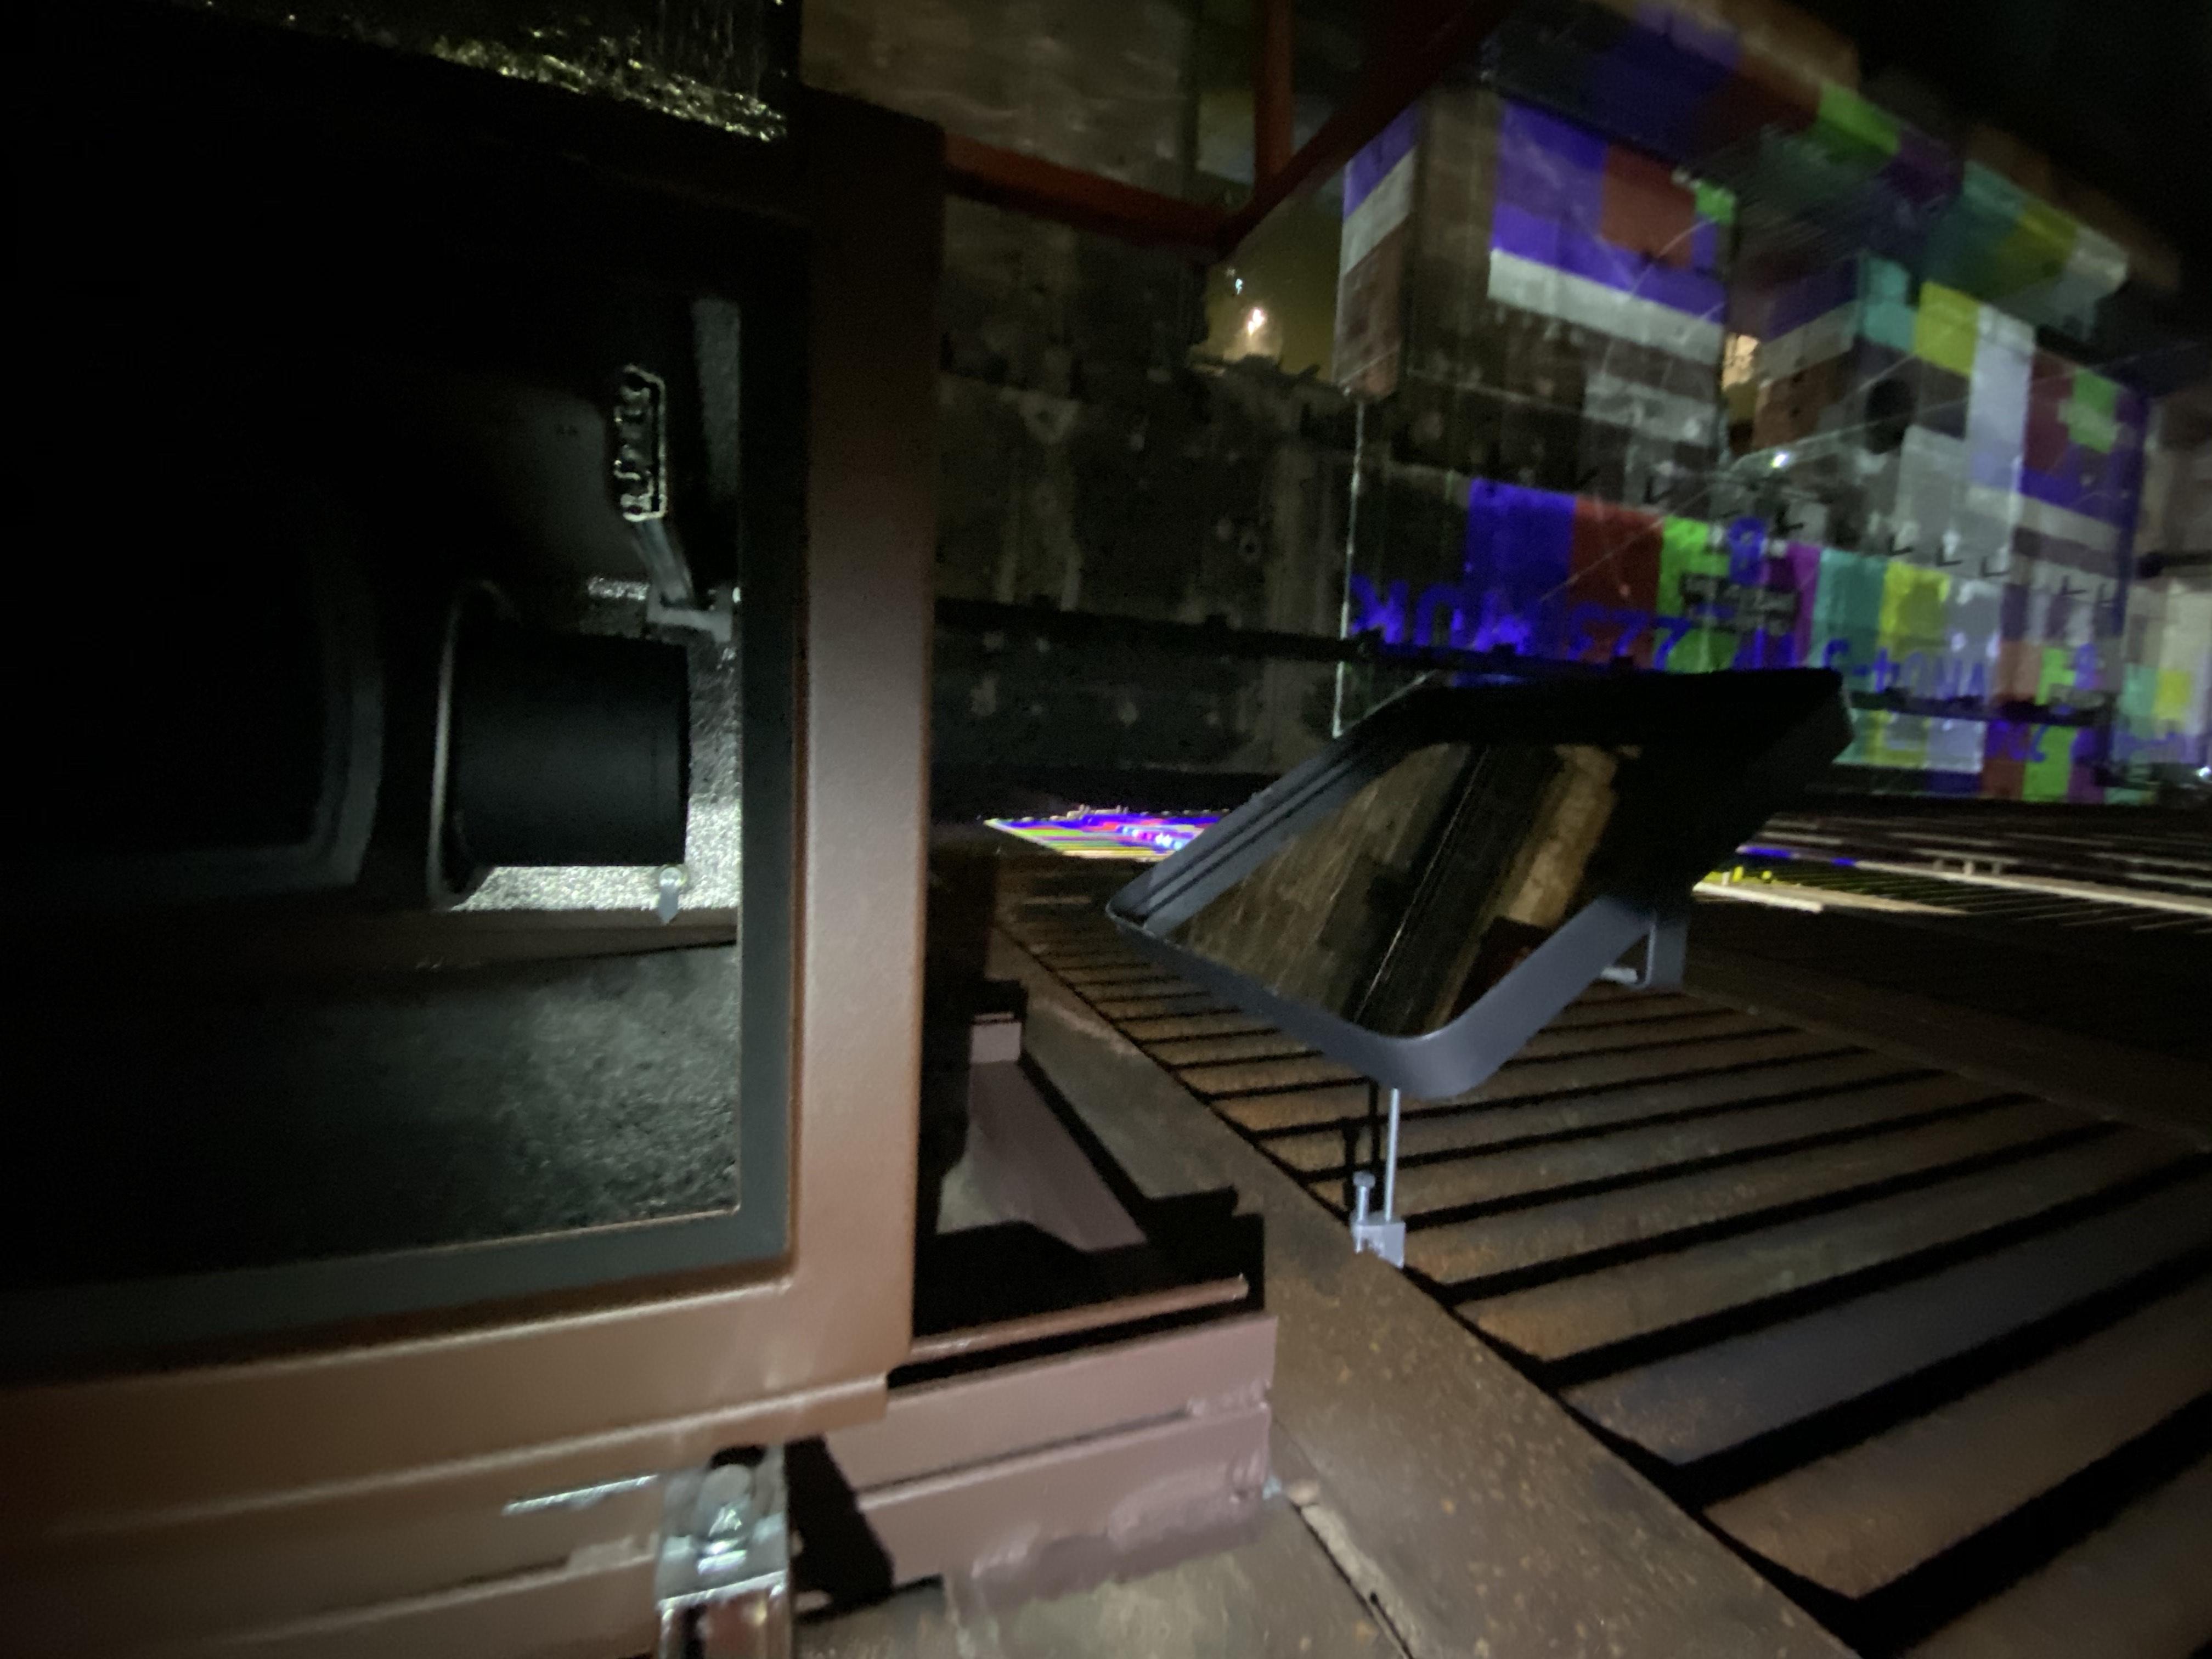 bassins de lumieres close up of projector and enclosure